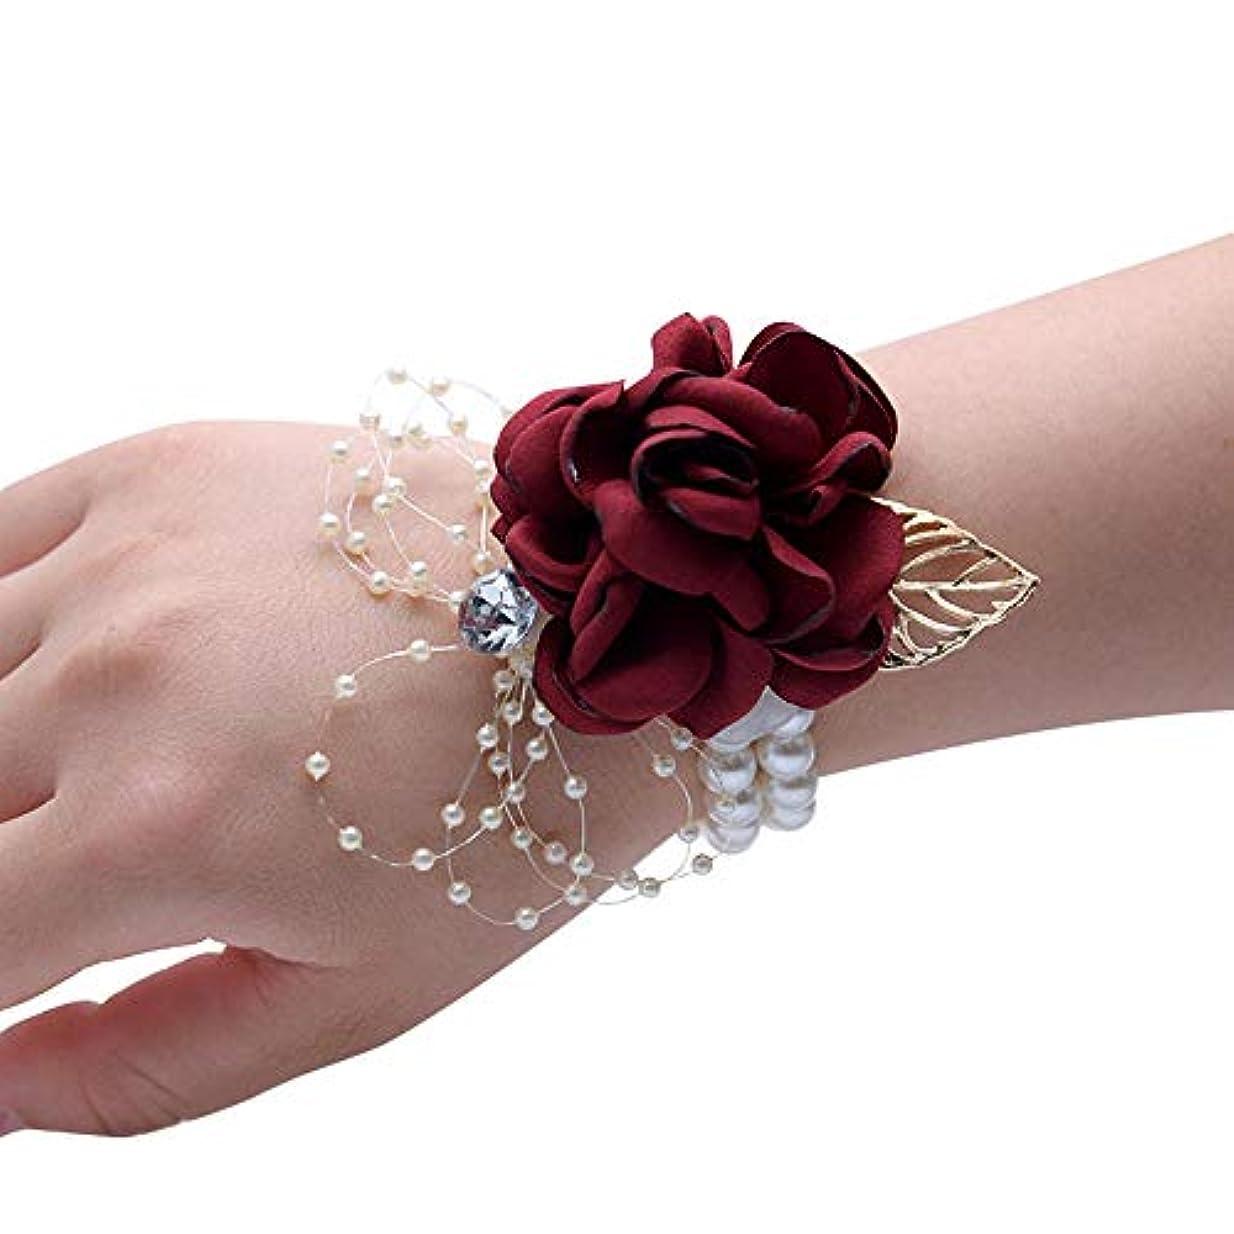 服を片付けるストローク高速道路Merssavo 手首の花 - 女の子チャーム手首コサージュブレスレット花嫁介添人姉妹の手の花のどの真珠の結婚式、ワインレッド